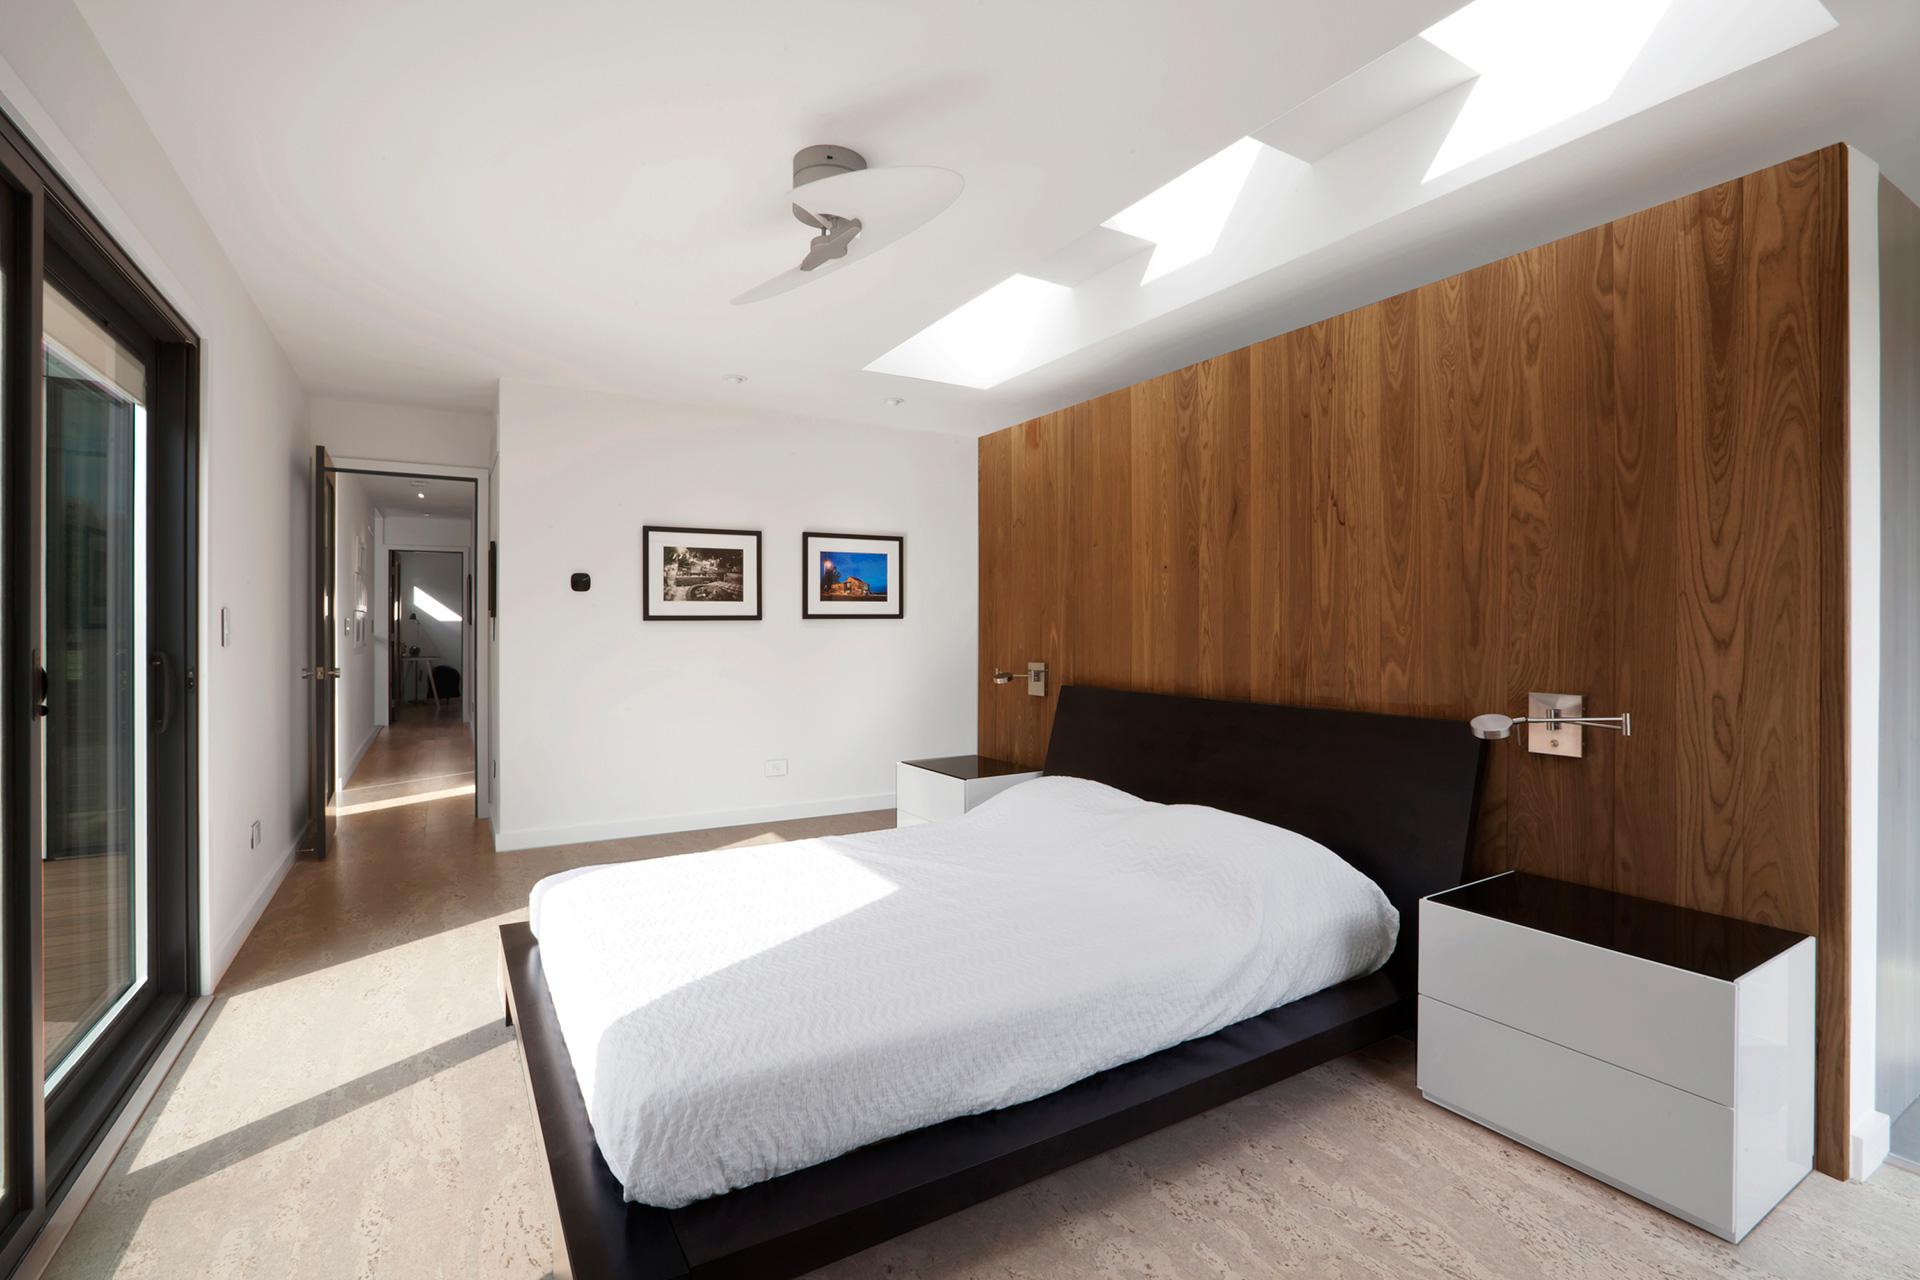 Copperwood-house_HAUS-Architects_TMT-ash-22